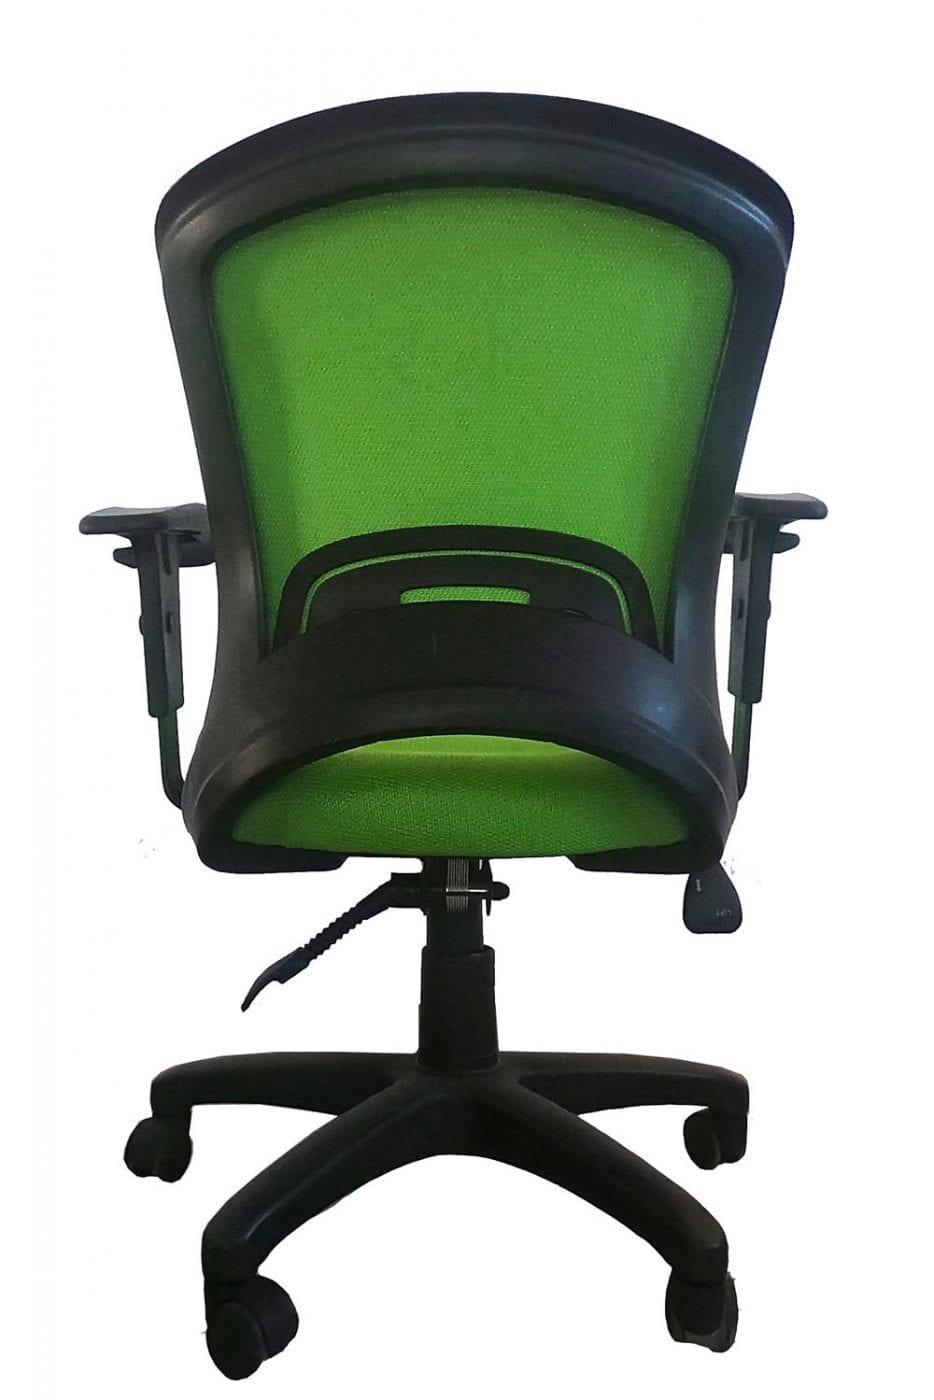 כיסא משרדי בהתאמה אישית